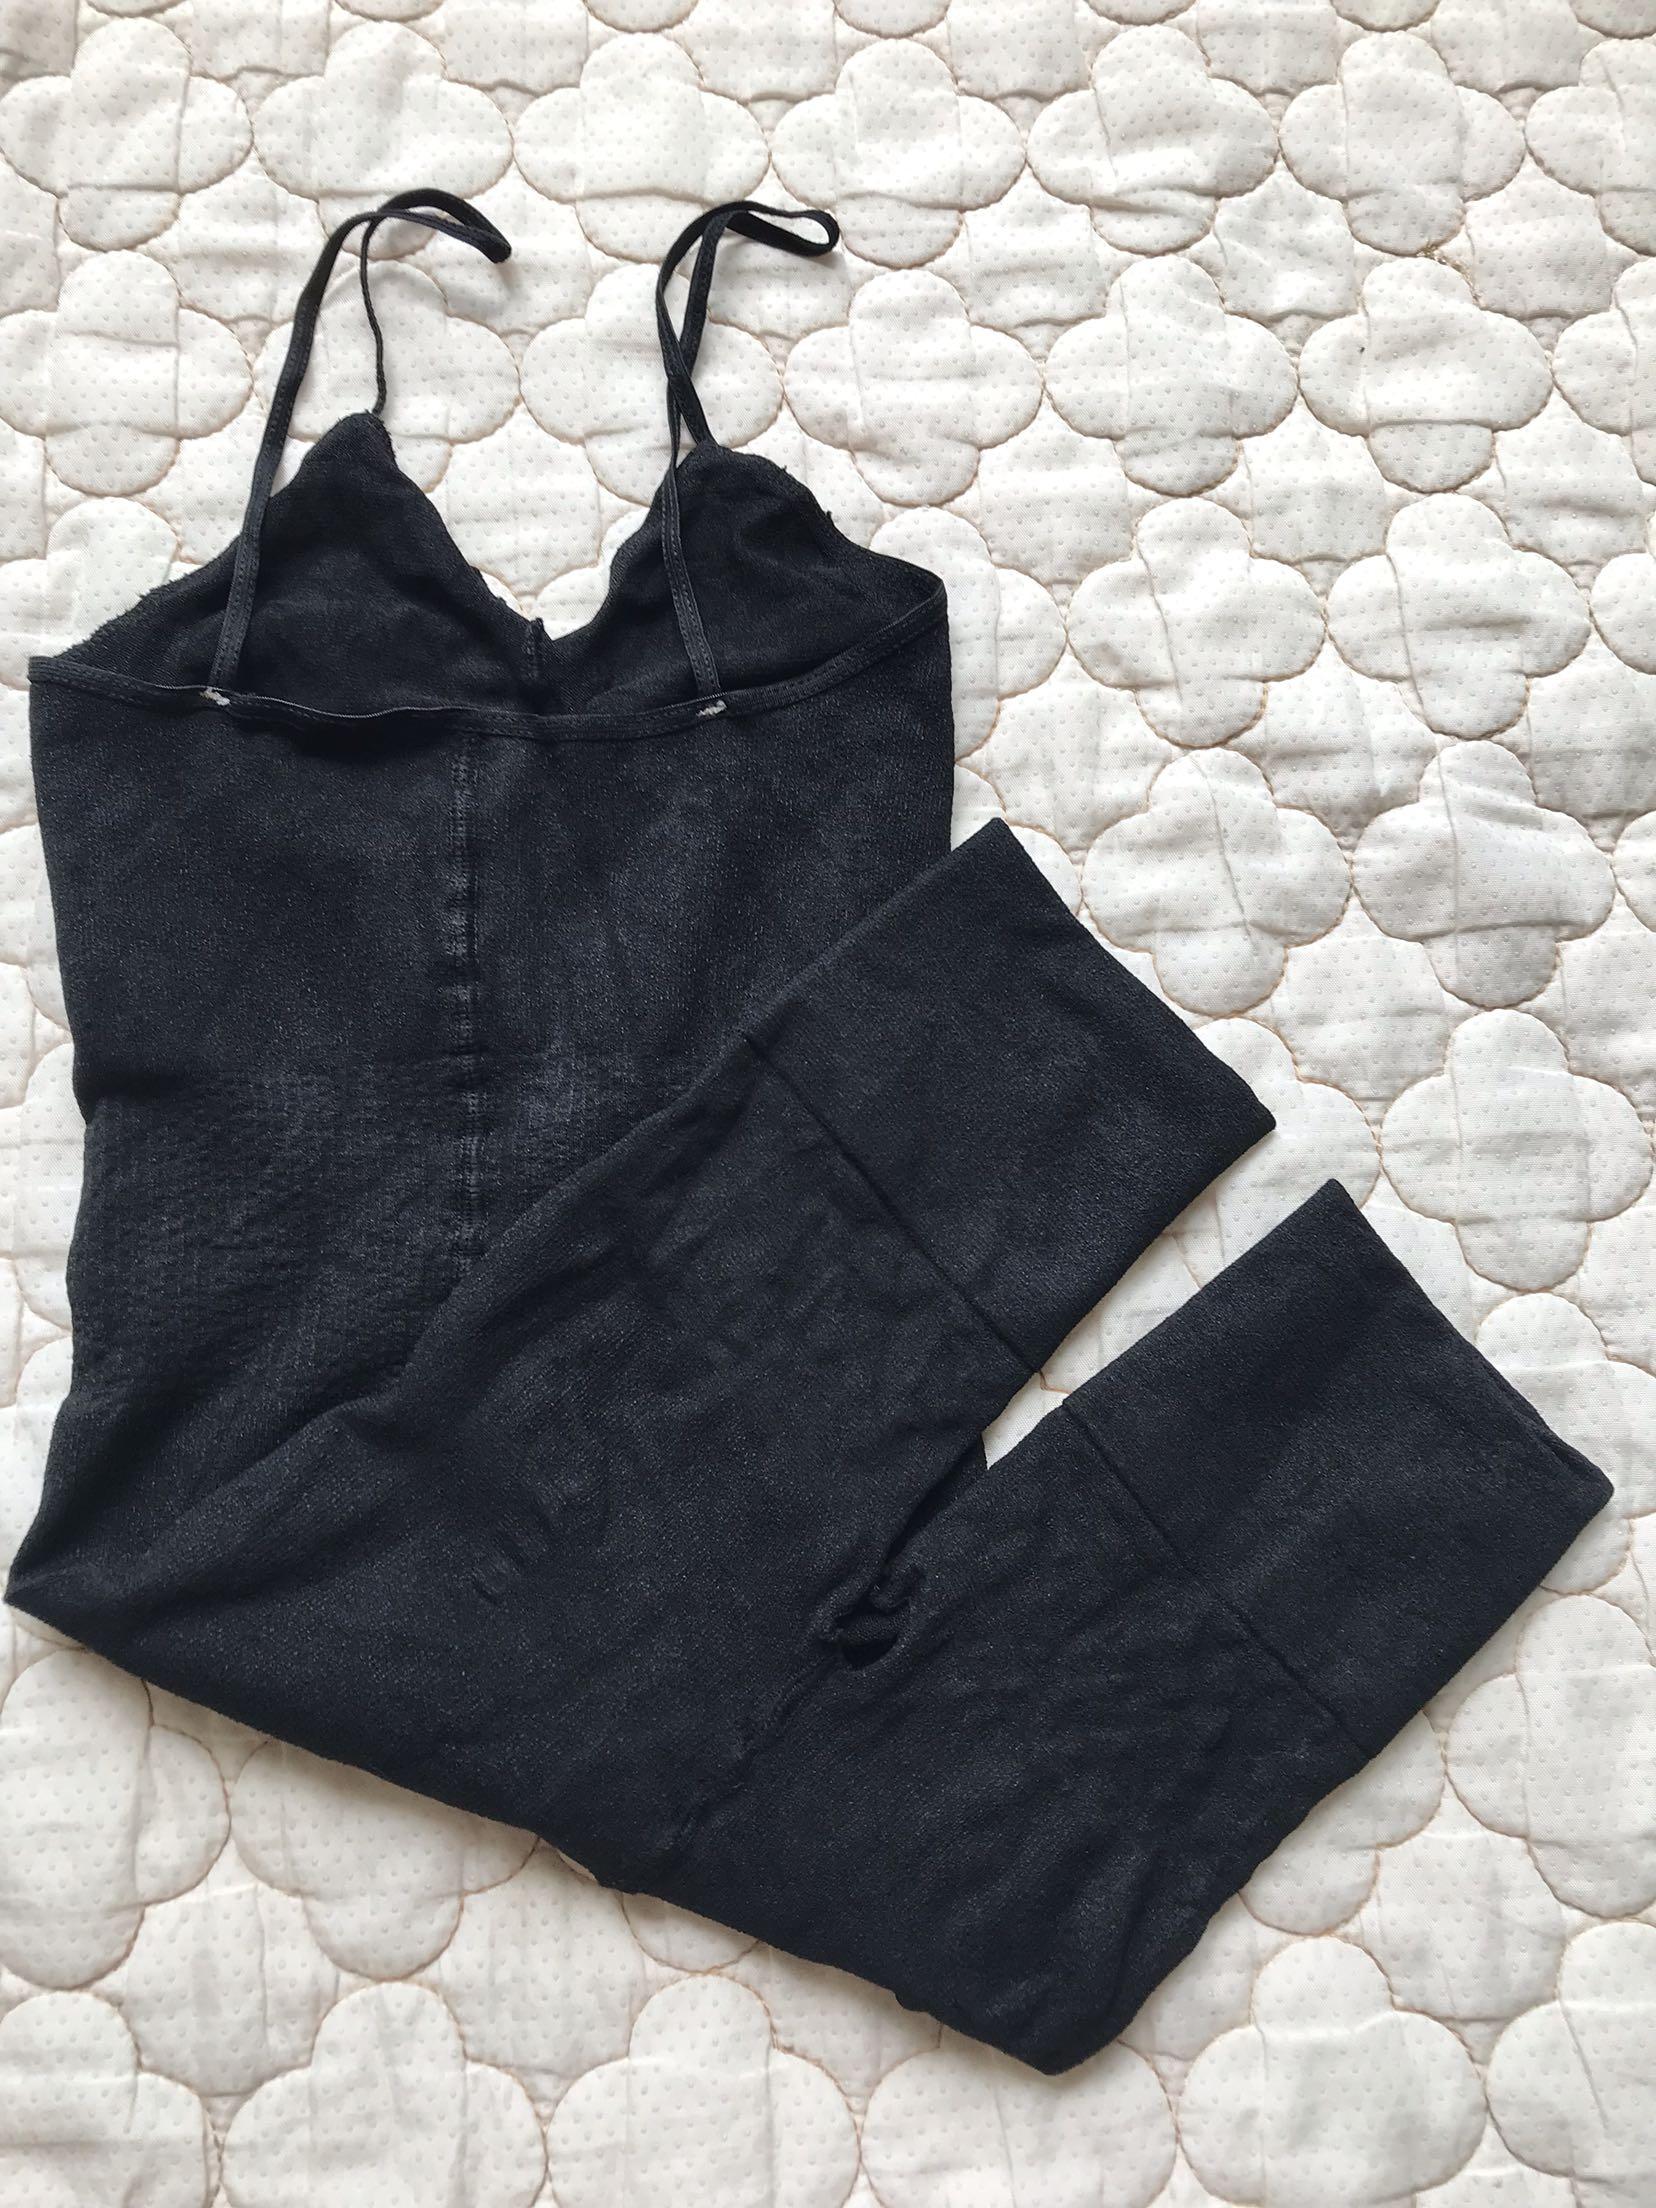 Quần lửng bó sát cơ thể định hình mở háng quần miễn phí quần nữ đáy quần yếm có độ co giãn cao - Áo vest